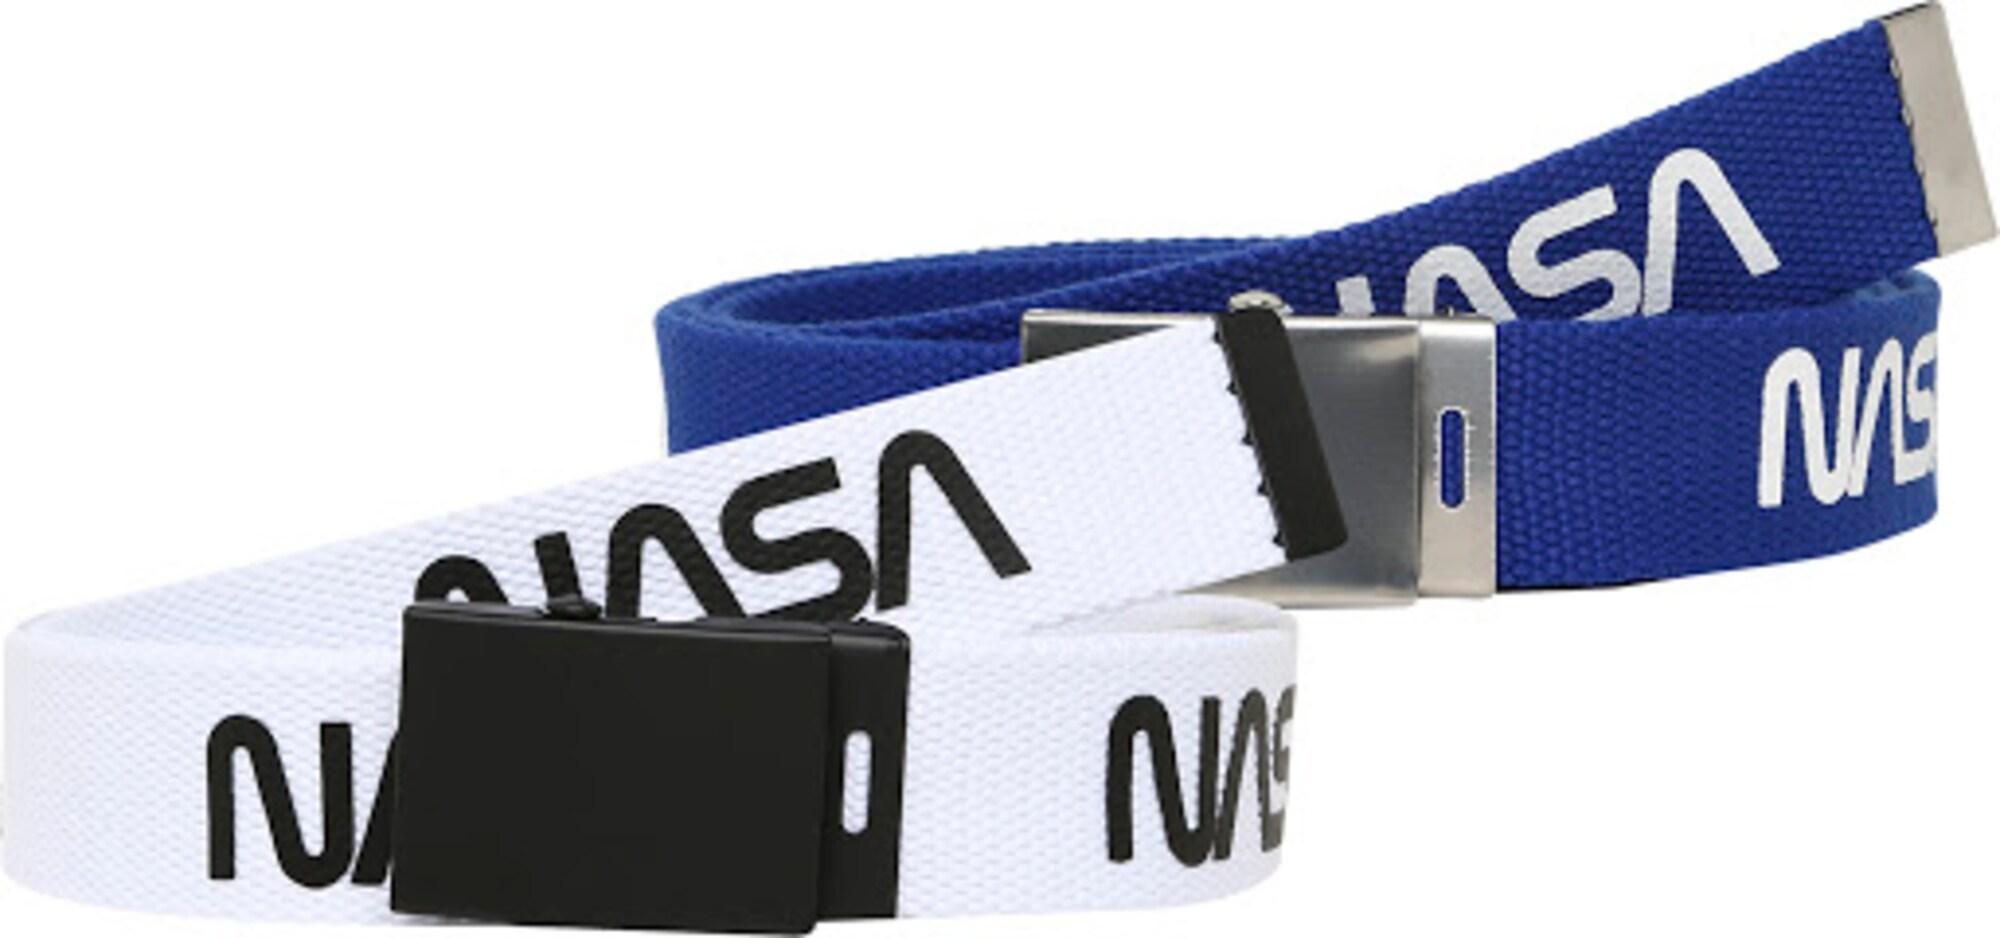 Mister Tee Opasek 'NASA'  bílá / modrá / černá / stříbrná